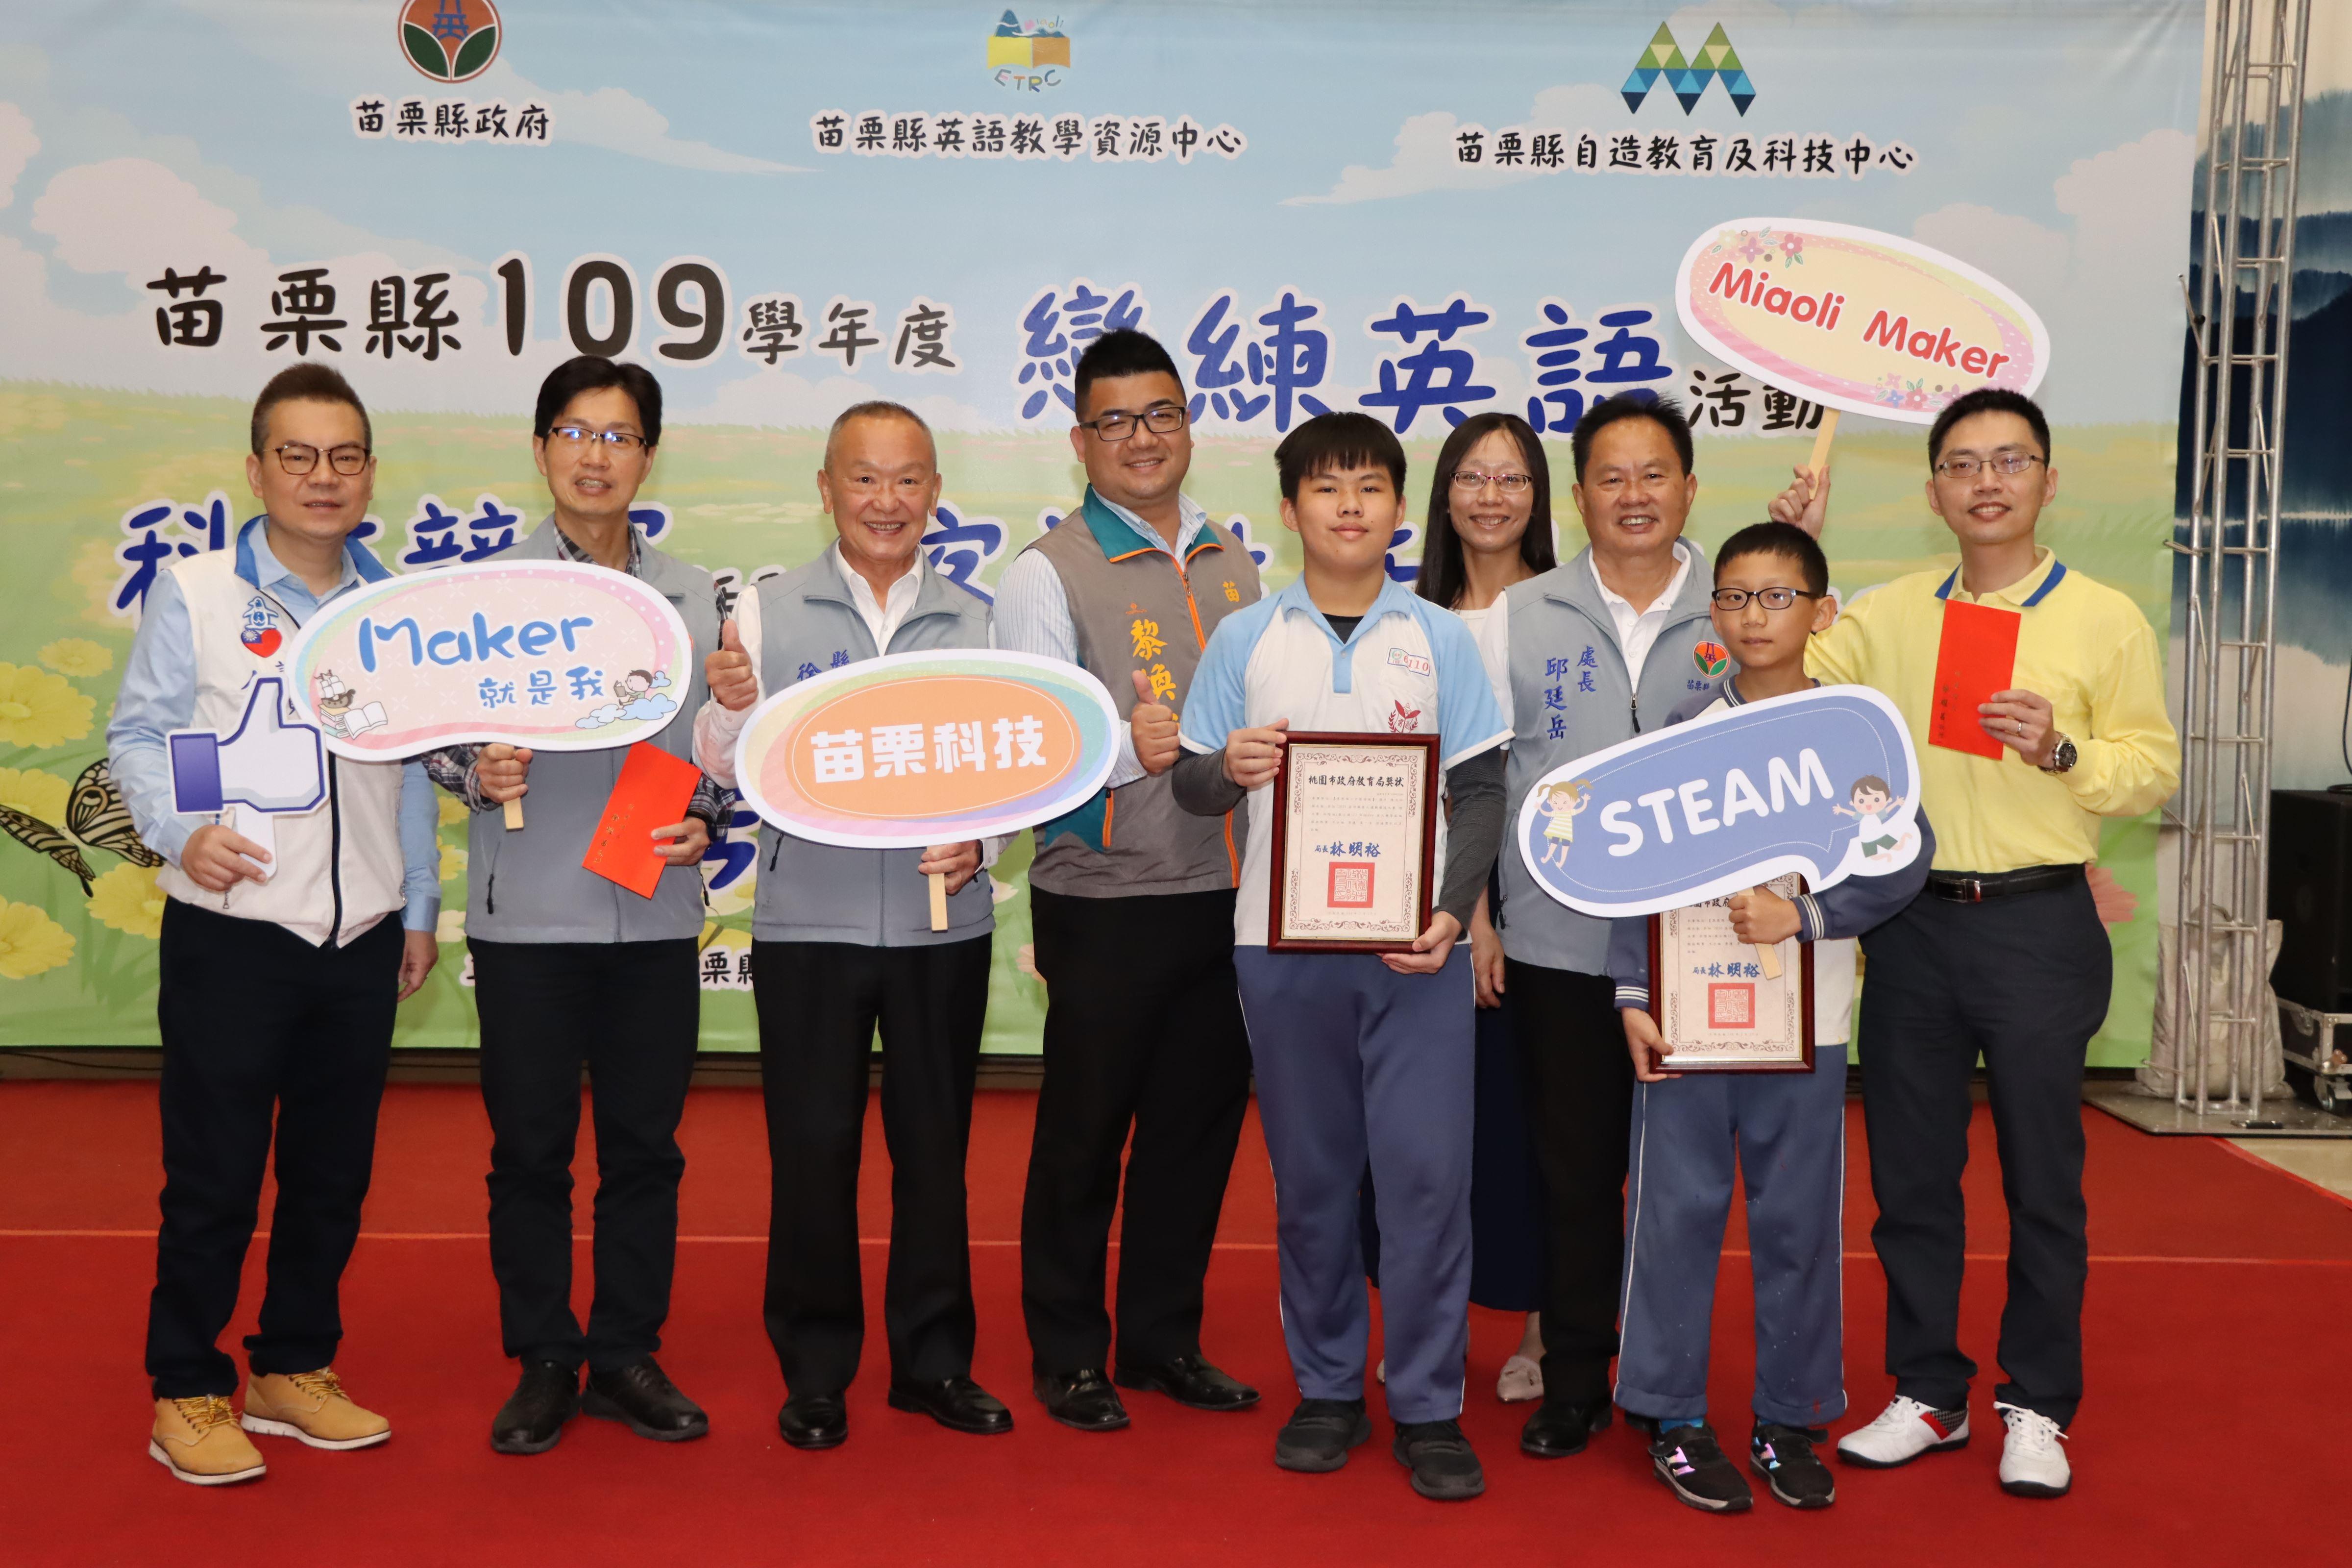 9縣府-表揚全國無人機智能編程挑戰賽獲獎學生IMG_7026.JPG